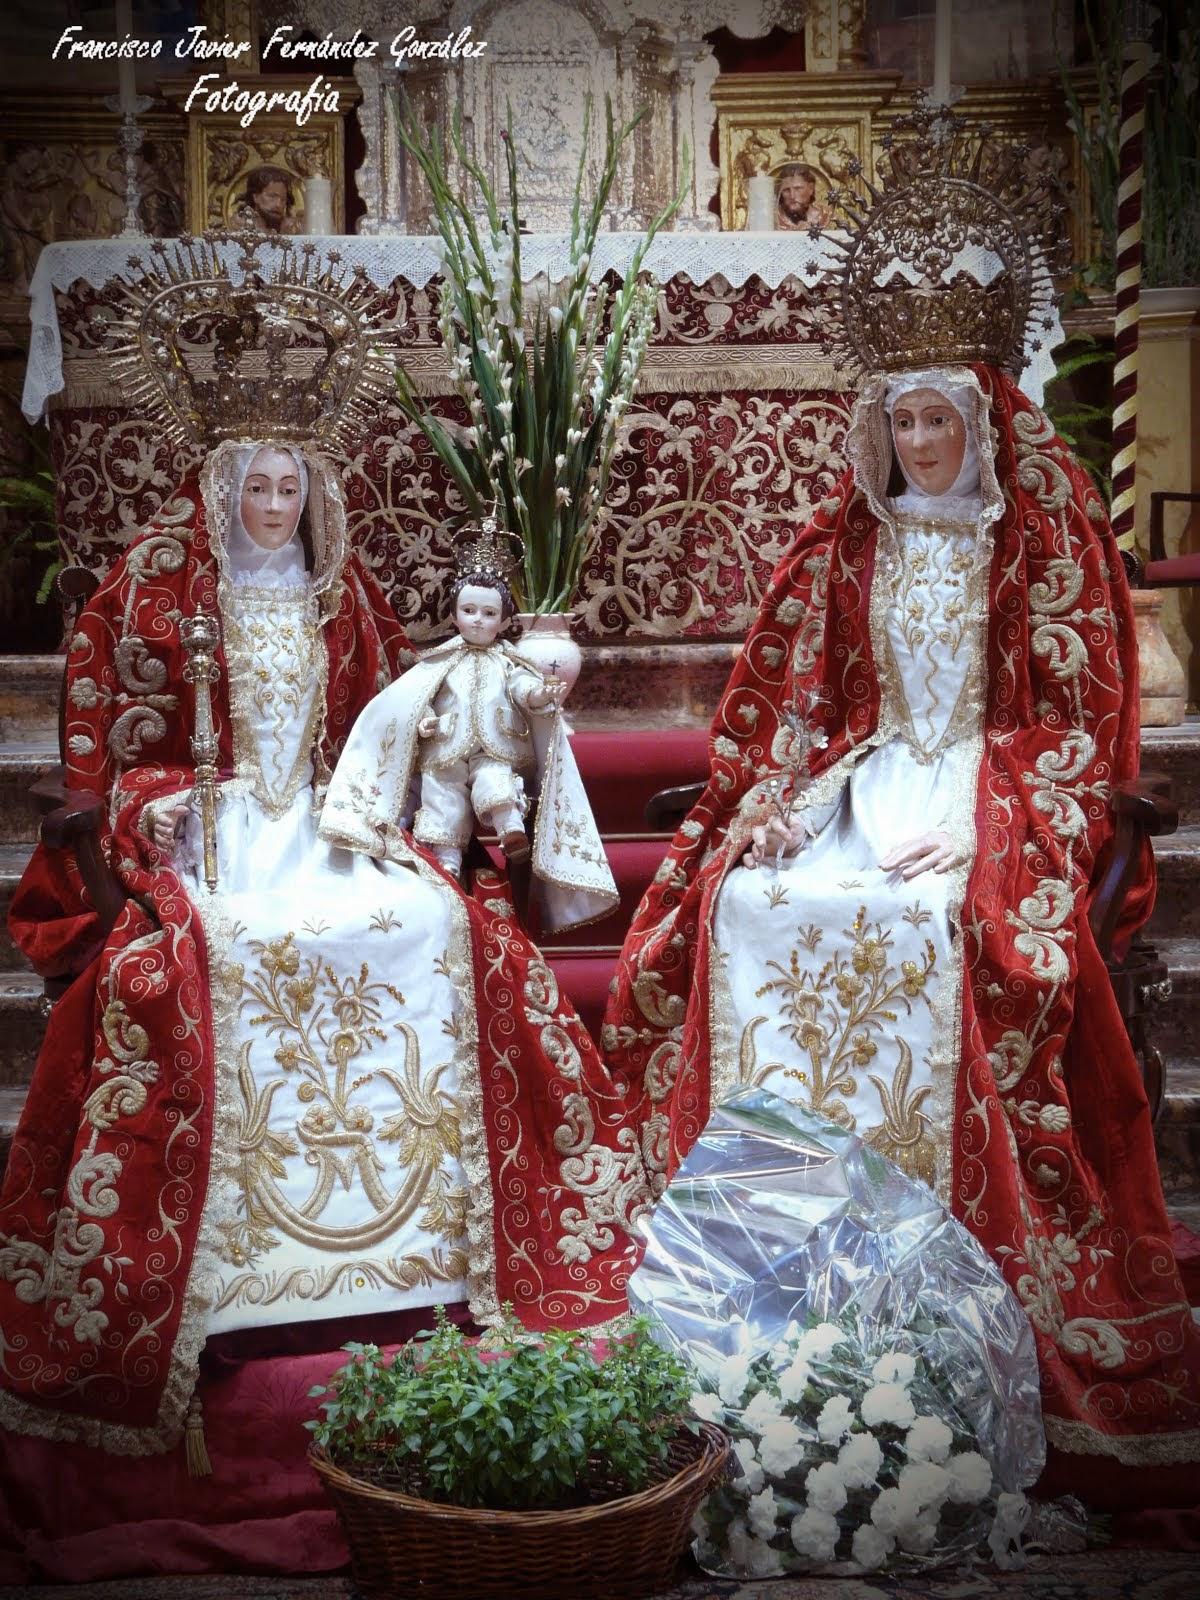 Conjunto escultórico compuesto de Santa Ana, la Virgen María y el niño Jesús. (Parroq. Santa Ana)